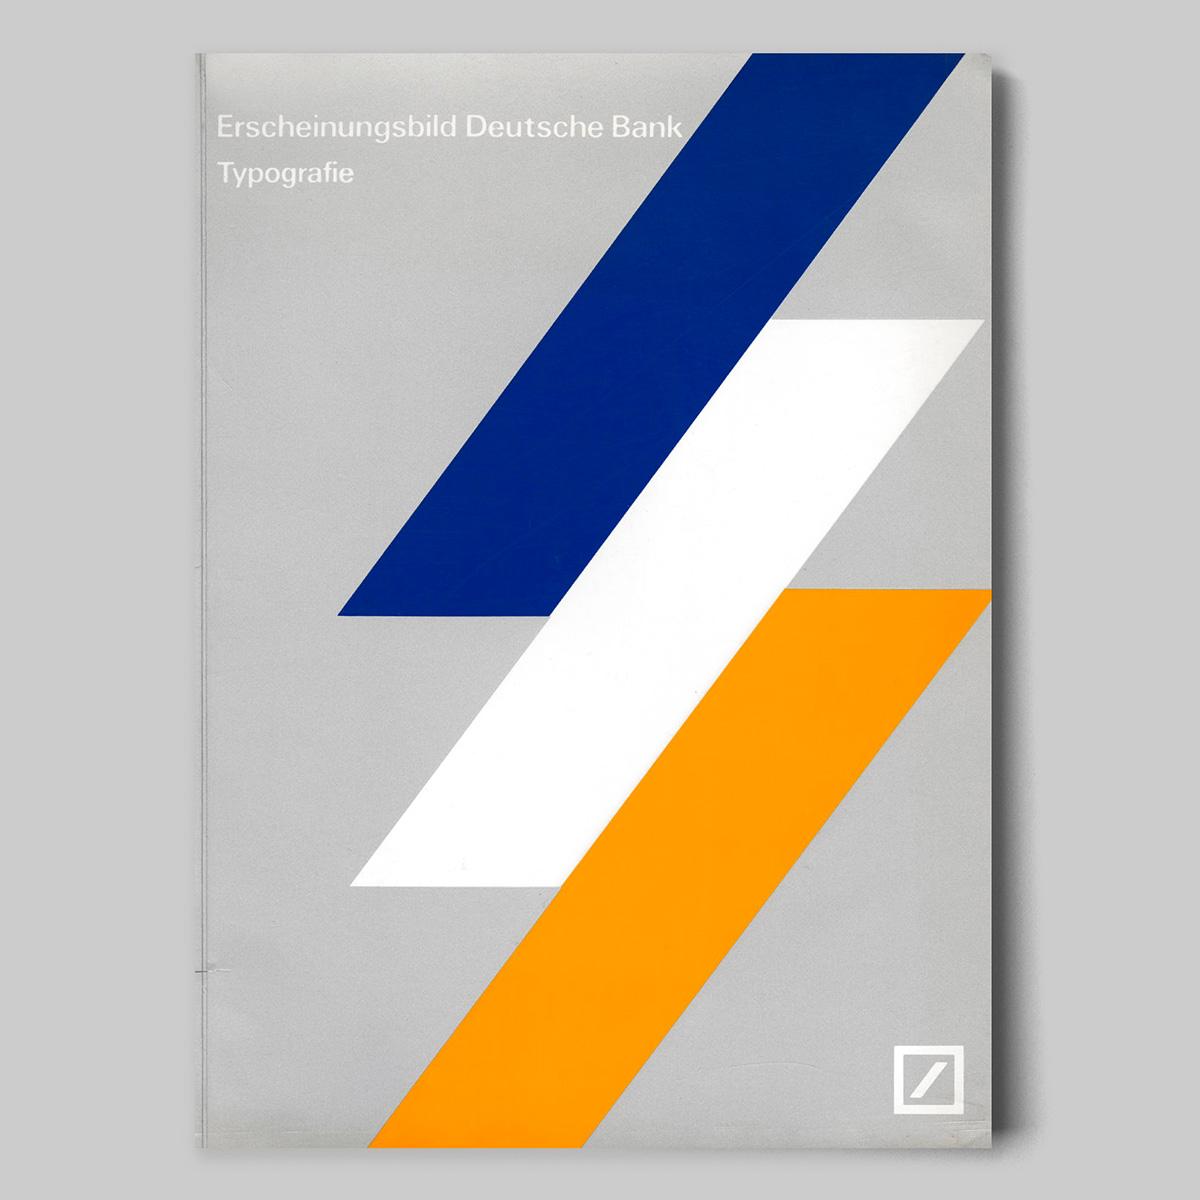 rationale_deutschebank_1a